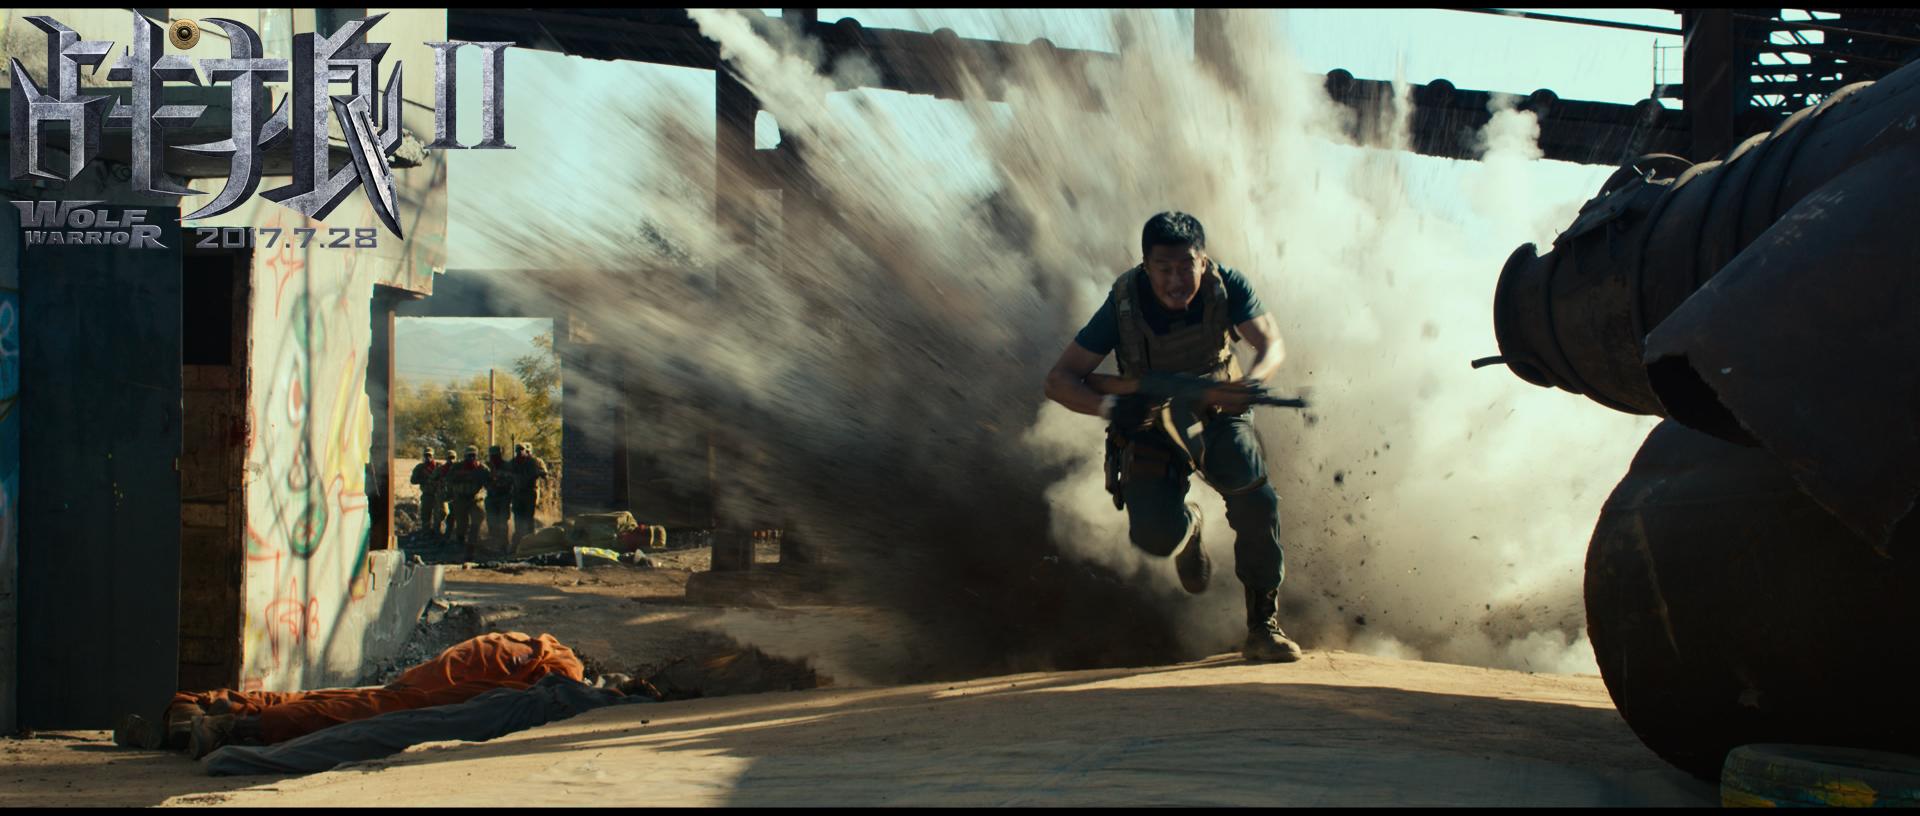 《战狼2》潜龙勿用,见狼在野:孤胆英雄燃爆军魂 - 狐狸·梦见乌鸦 - 埋骨之地